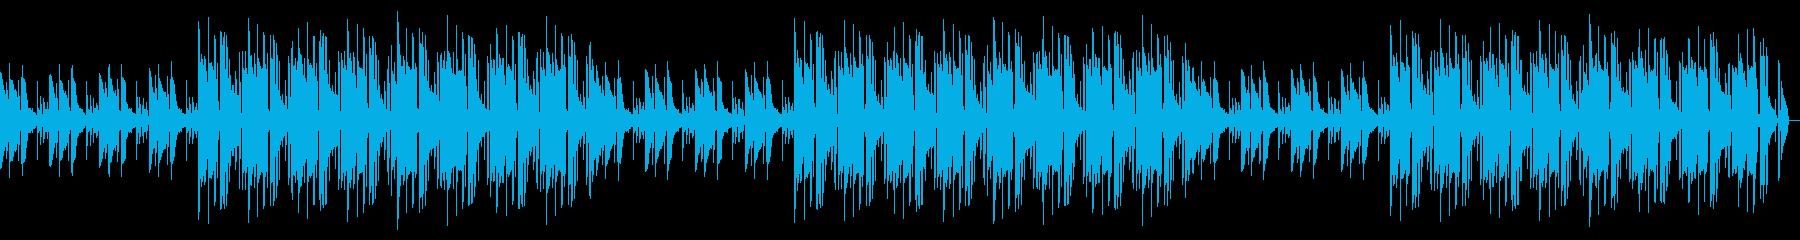 チルなアコースティックギタービートの再生済みの波形